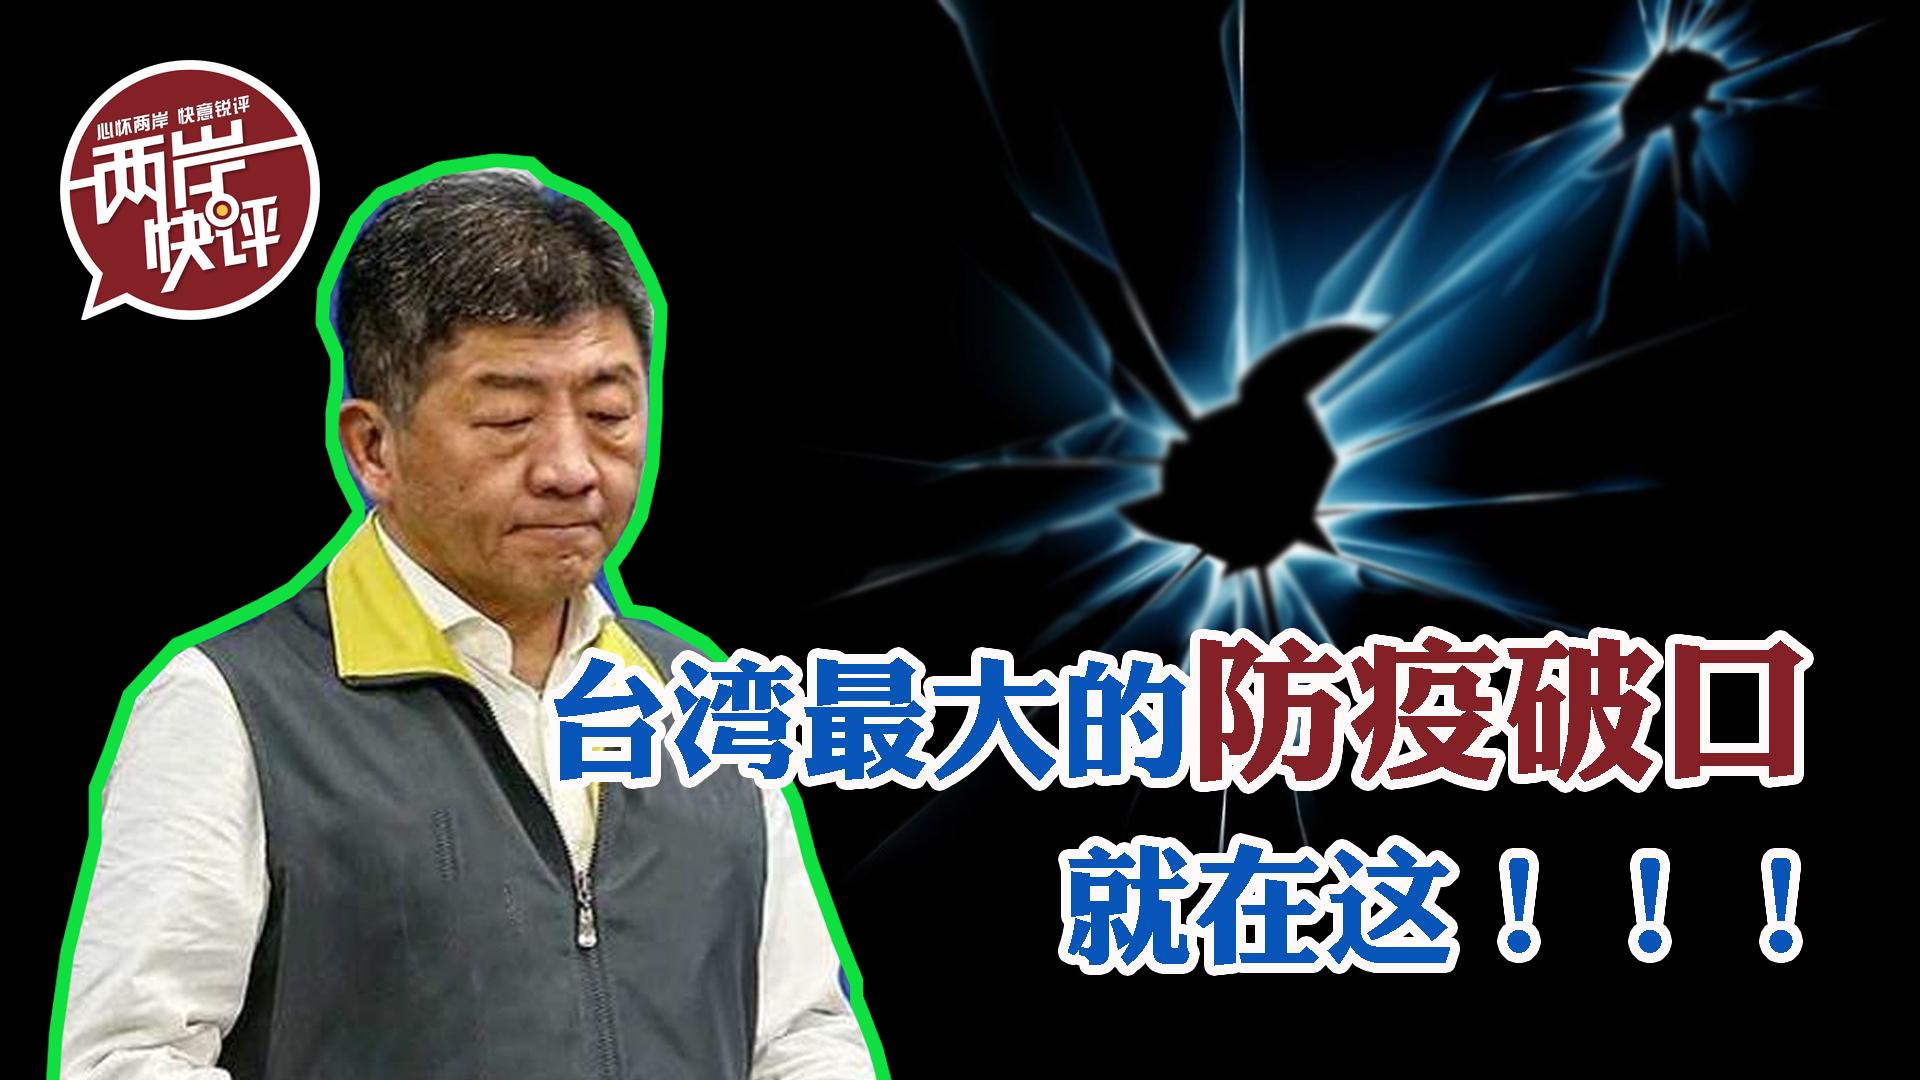 民進黨當局政治凌駕專業 臺灣最大的防疫破口就在這!圖片